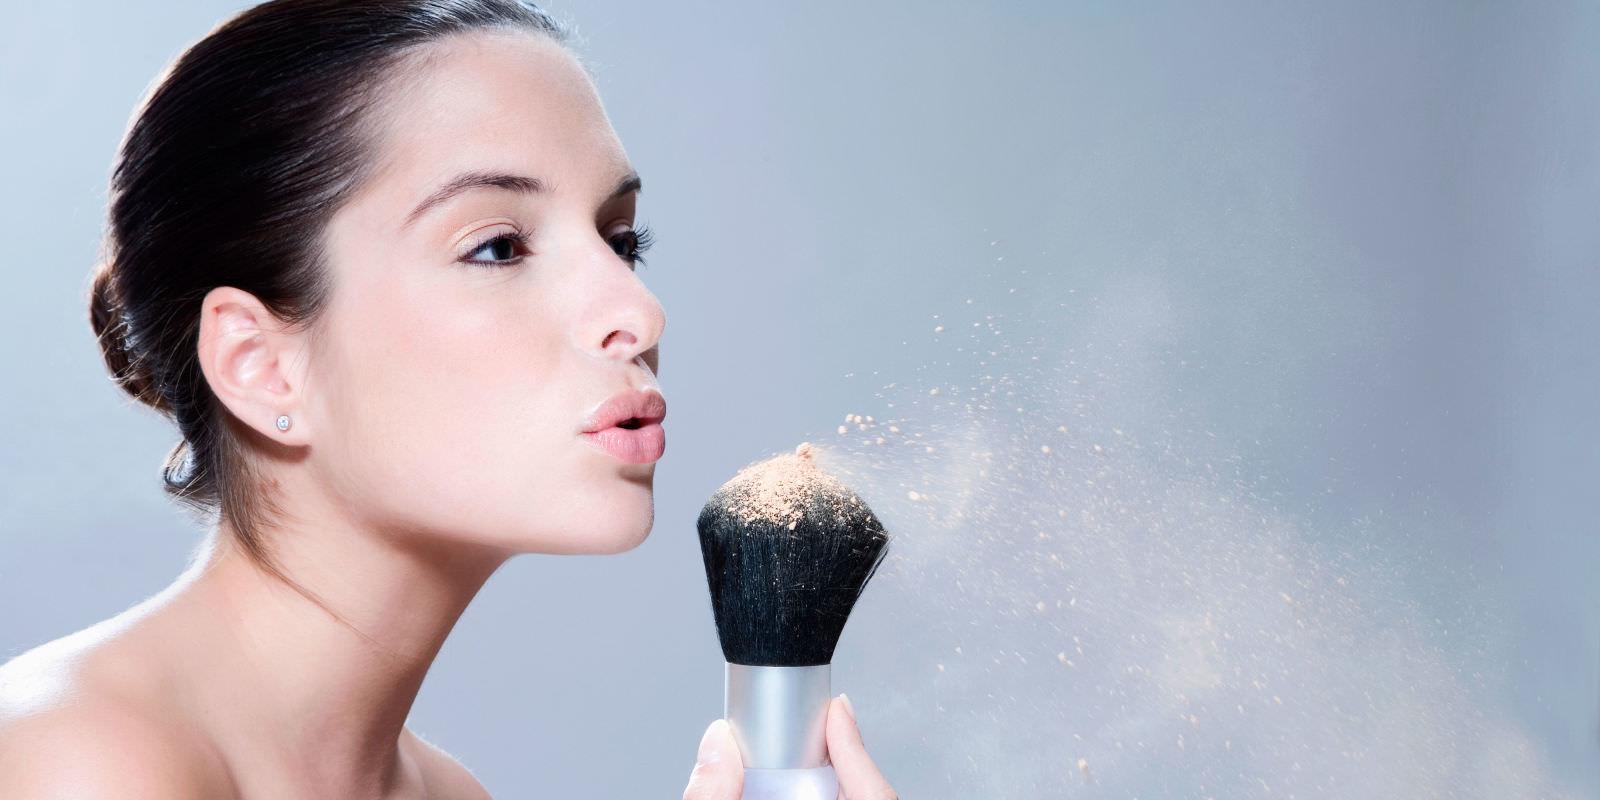 Минеральная пудра: достоинства косметического средства